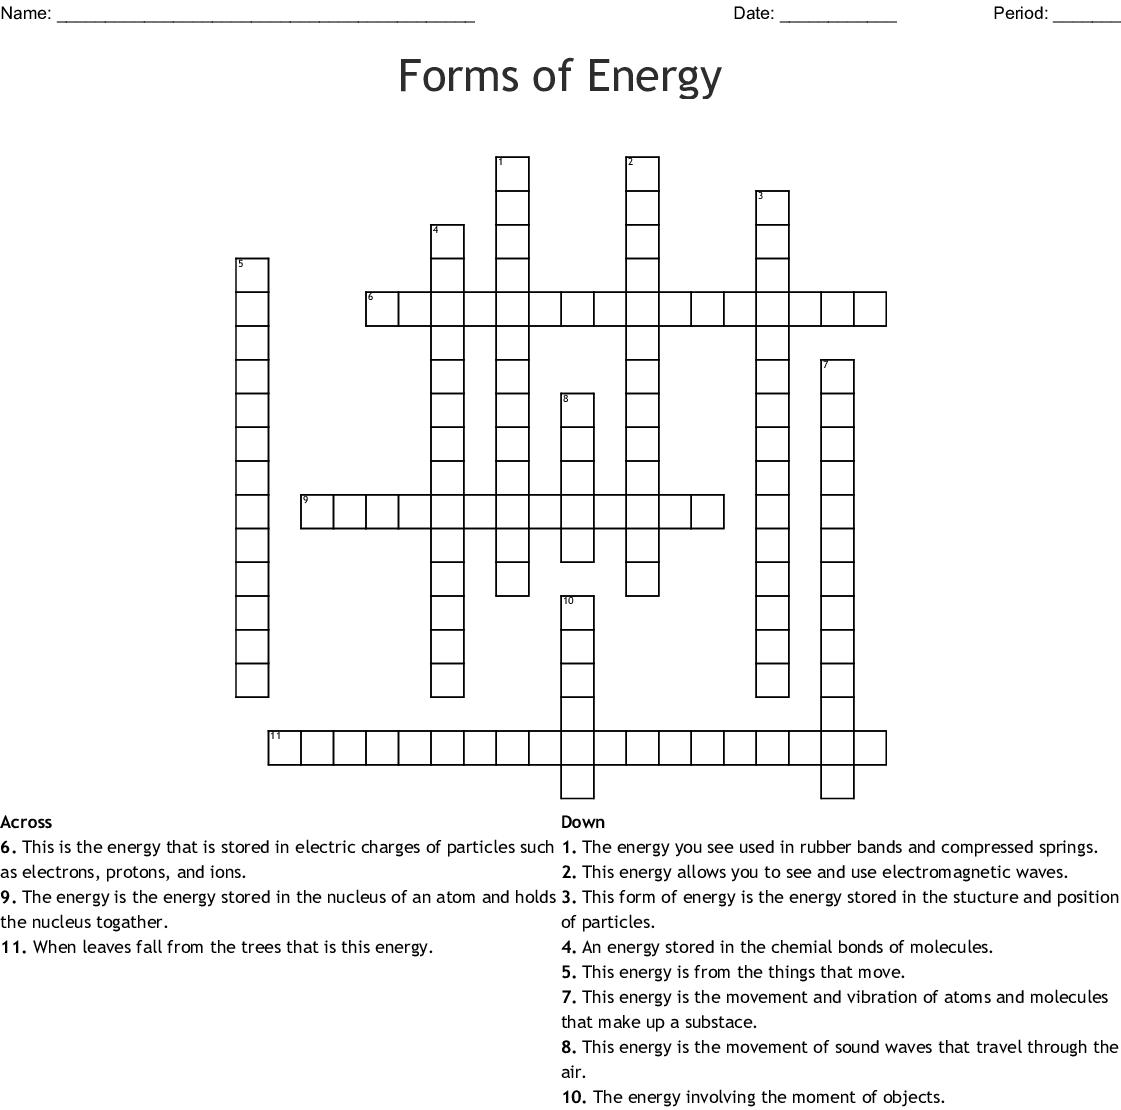 Forms of Energy Crossword - WordMint